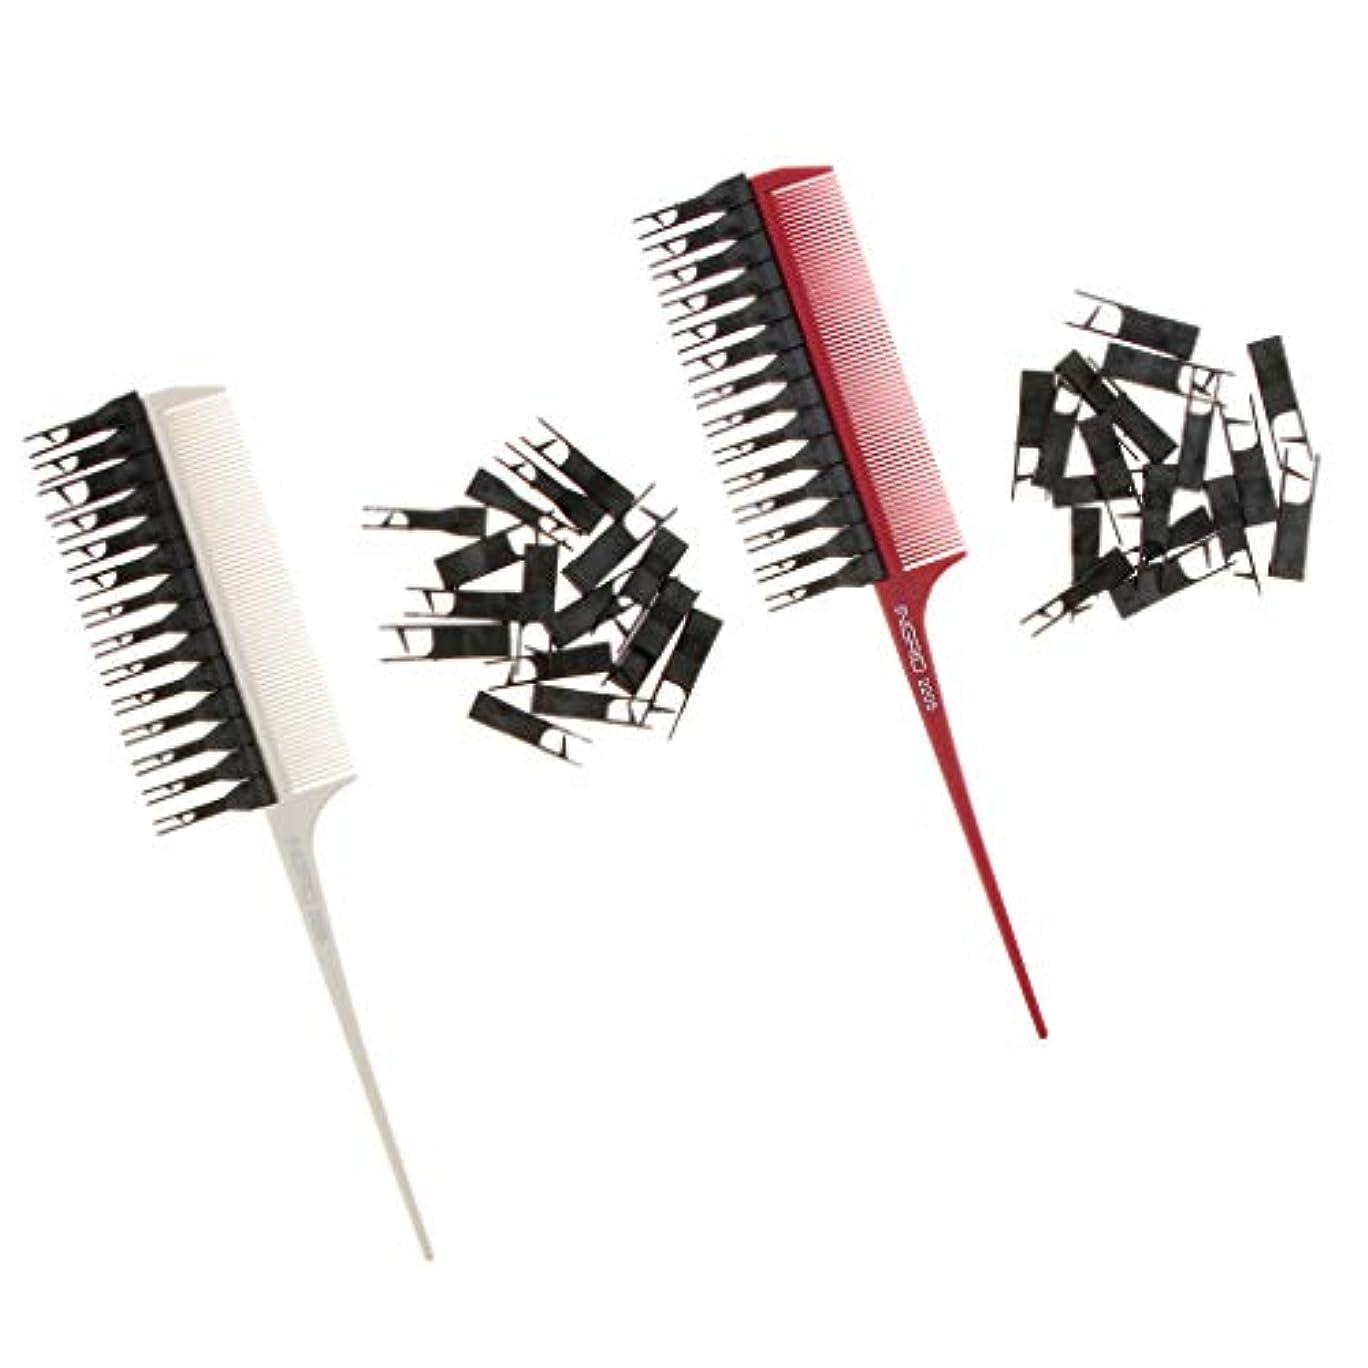 ソファーセンチメートル葉DYNWAVE 髪染めブラシ 織りハイライト櫛 ハイライト プラスチック 2個セット